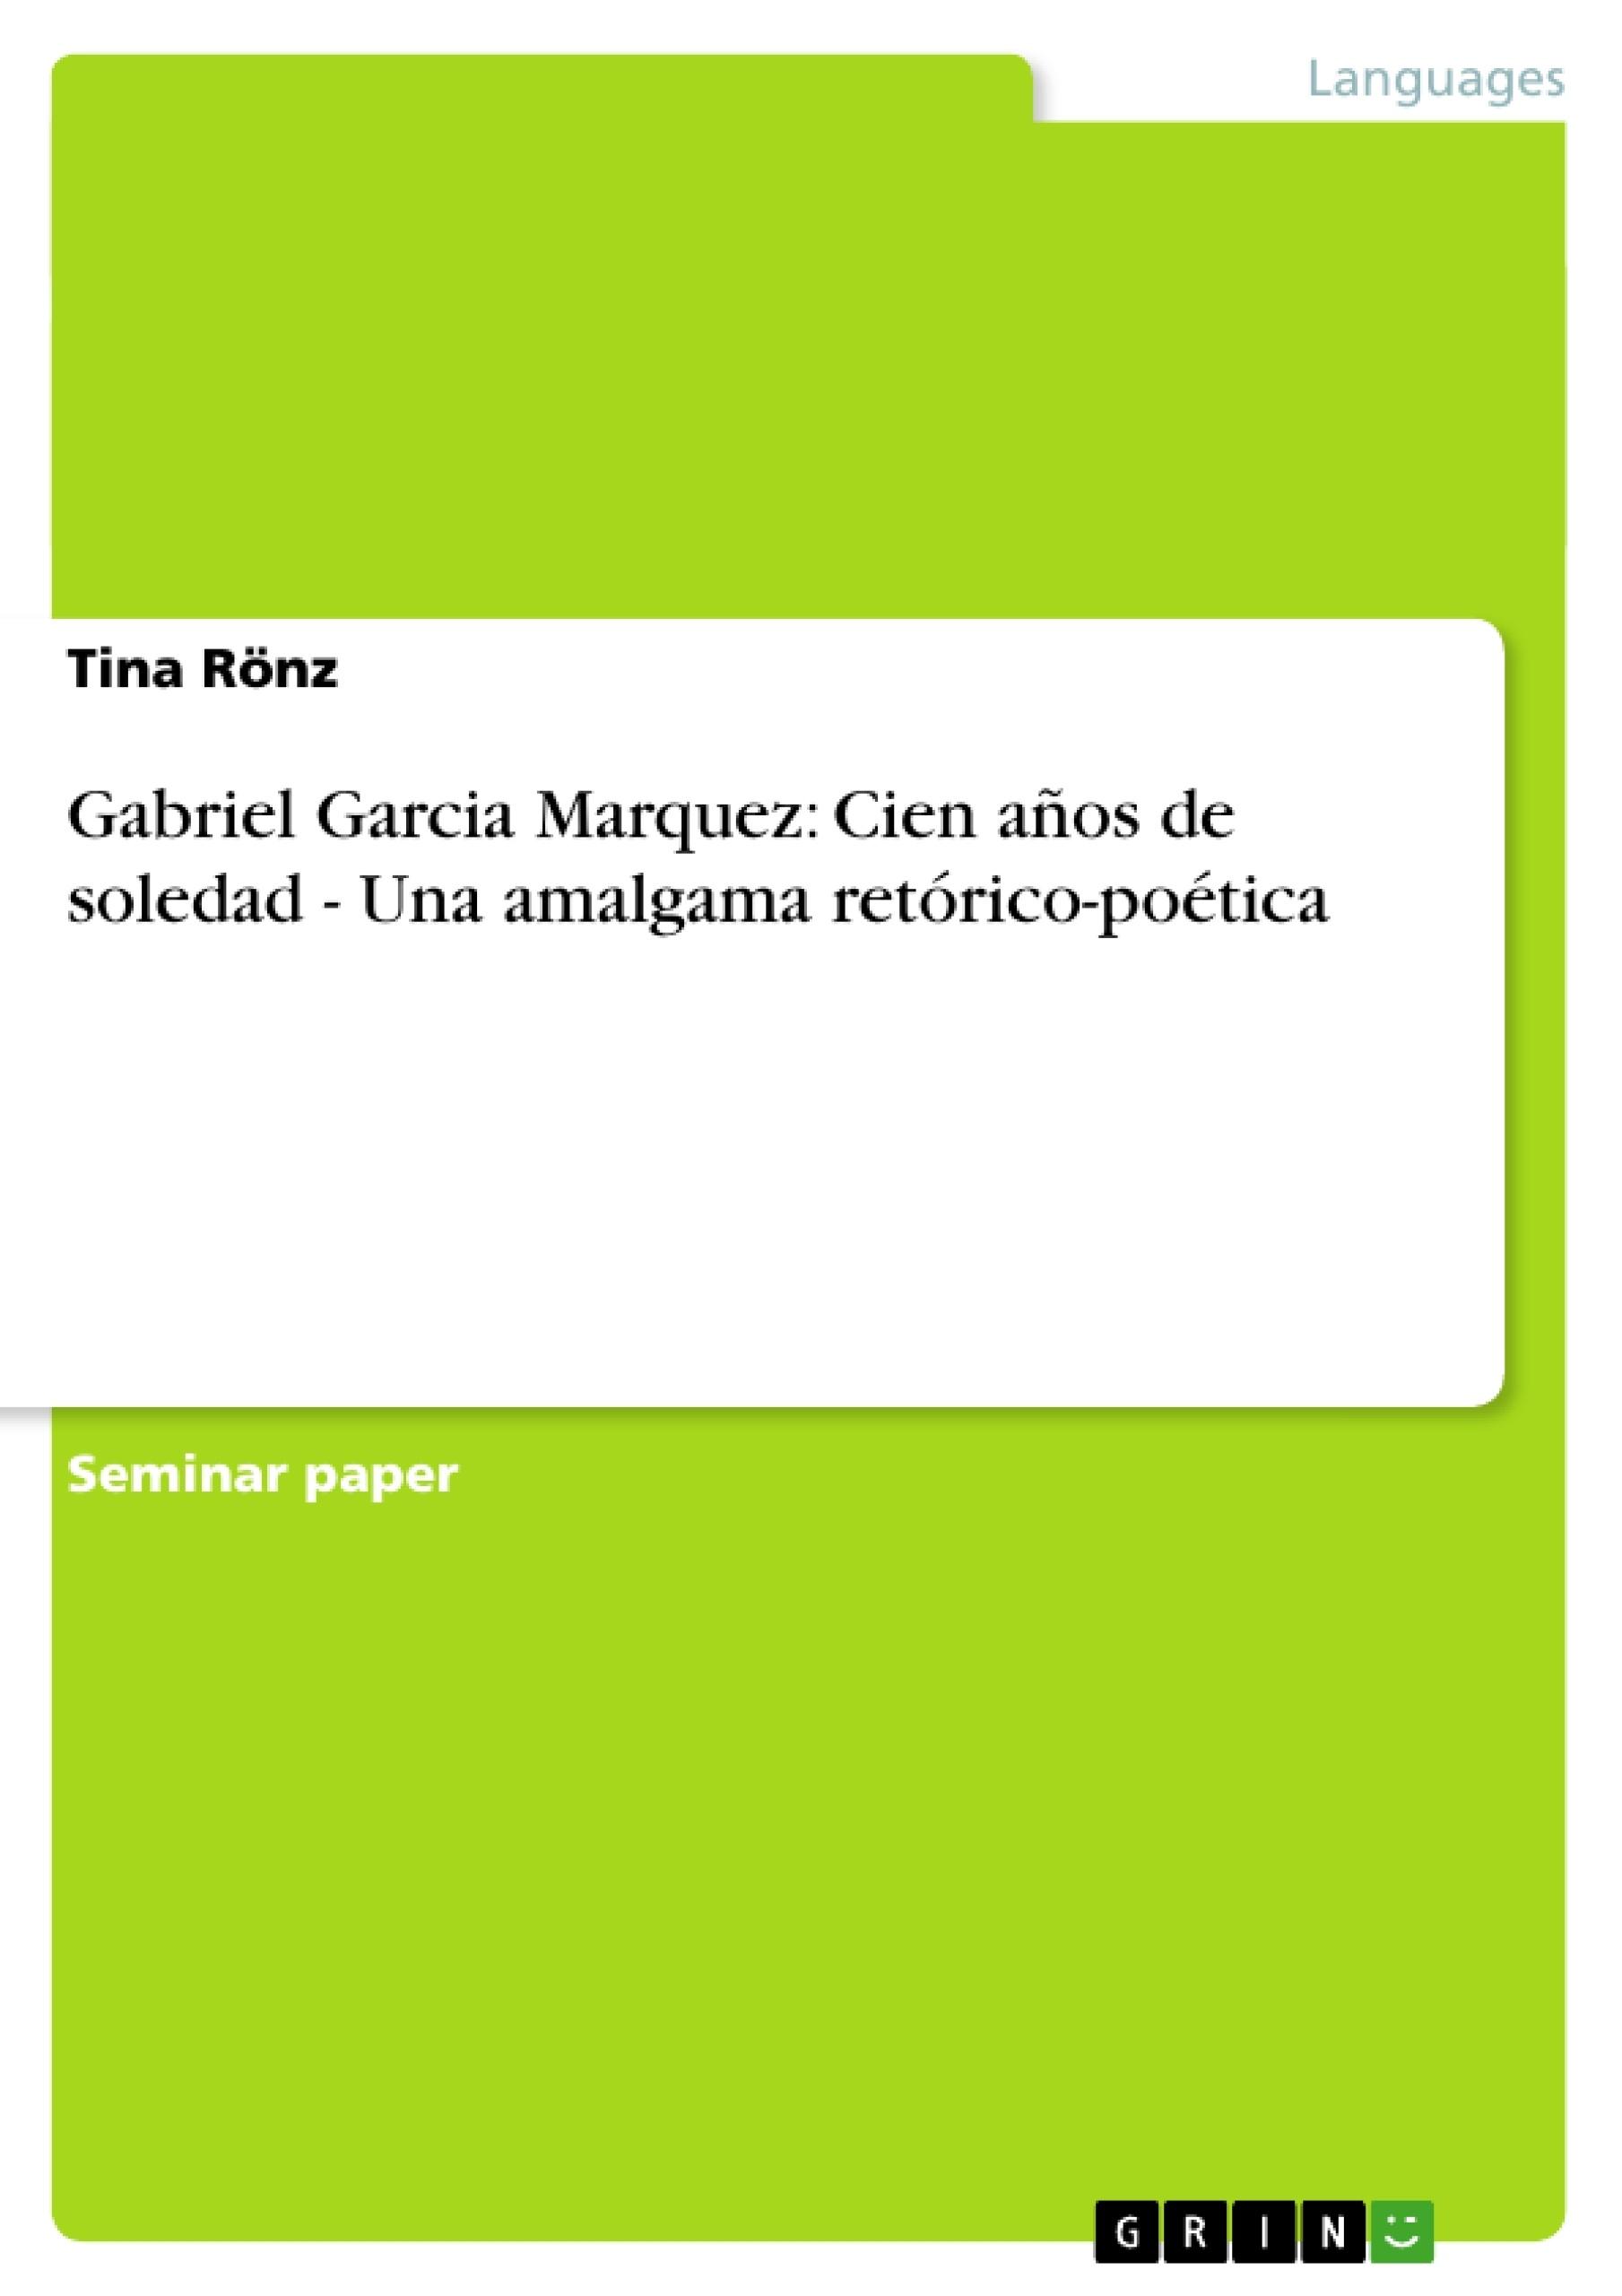 Título: Gabriel Garcia Marquez: Cien años de soledad - Una amalgama retórico-poética